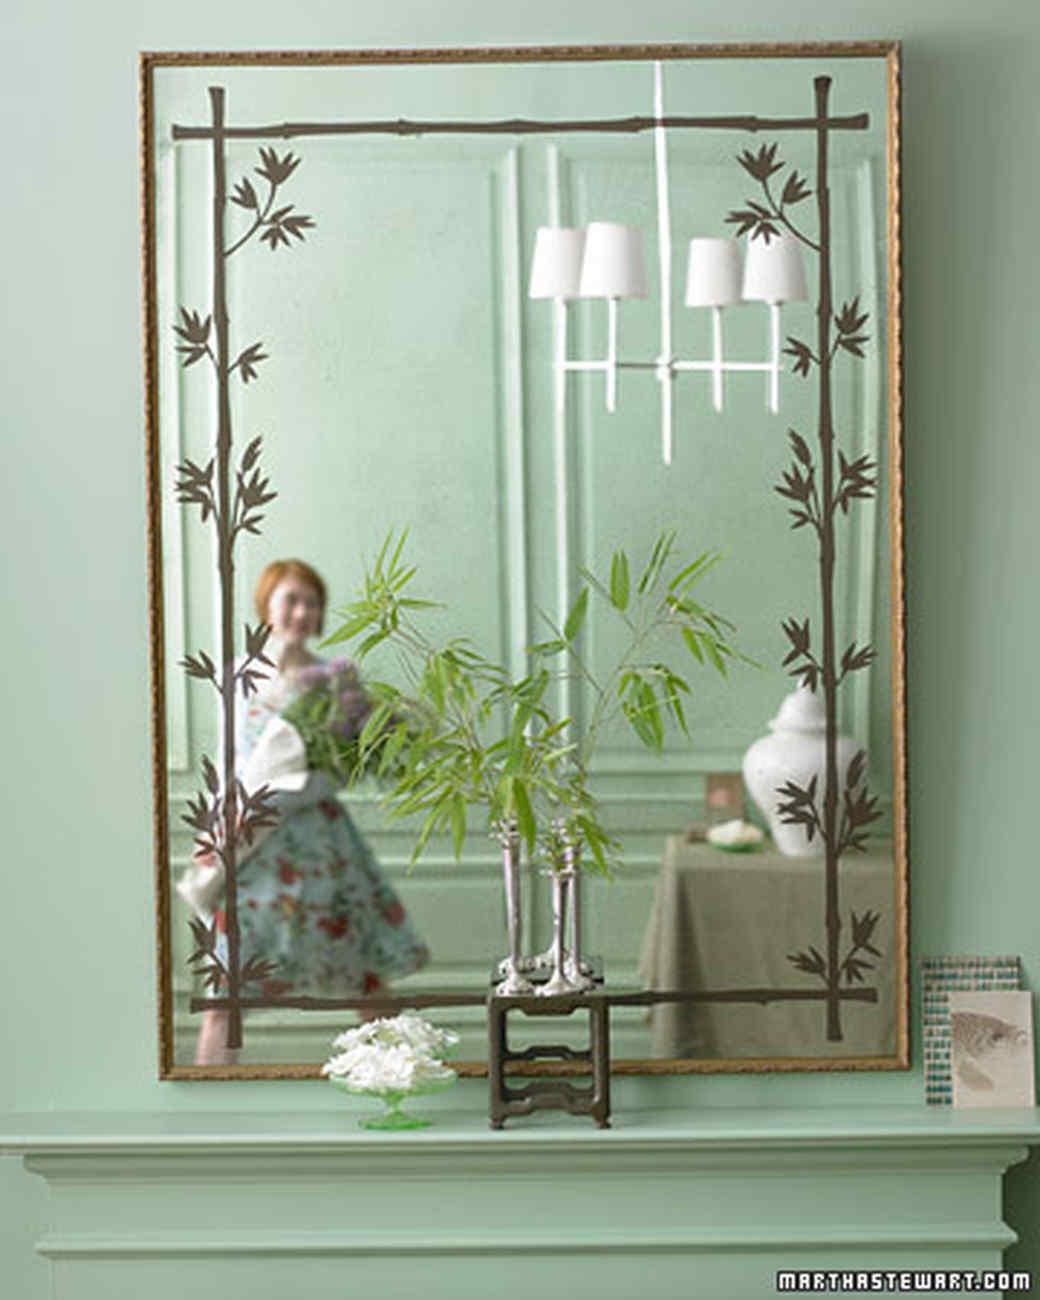 Leaf-Stencil Mirror